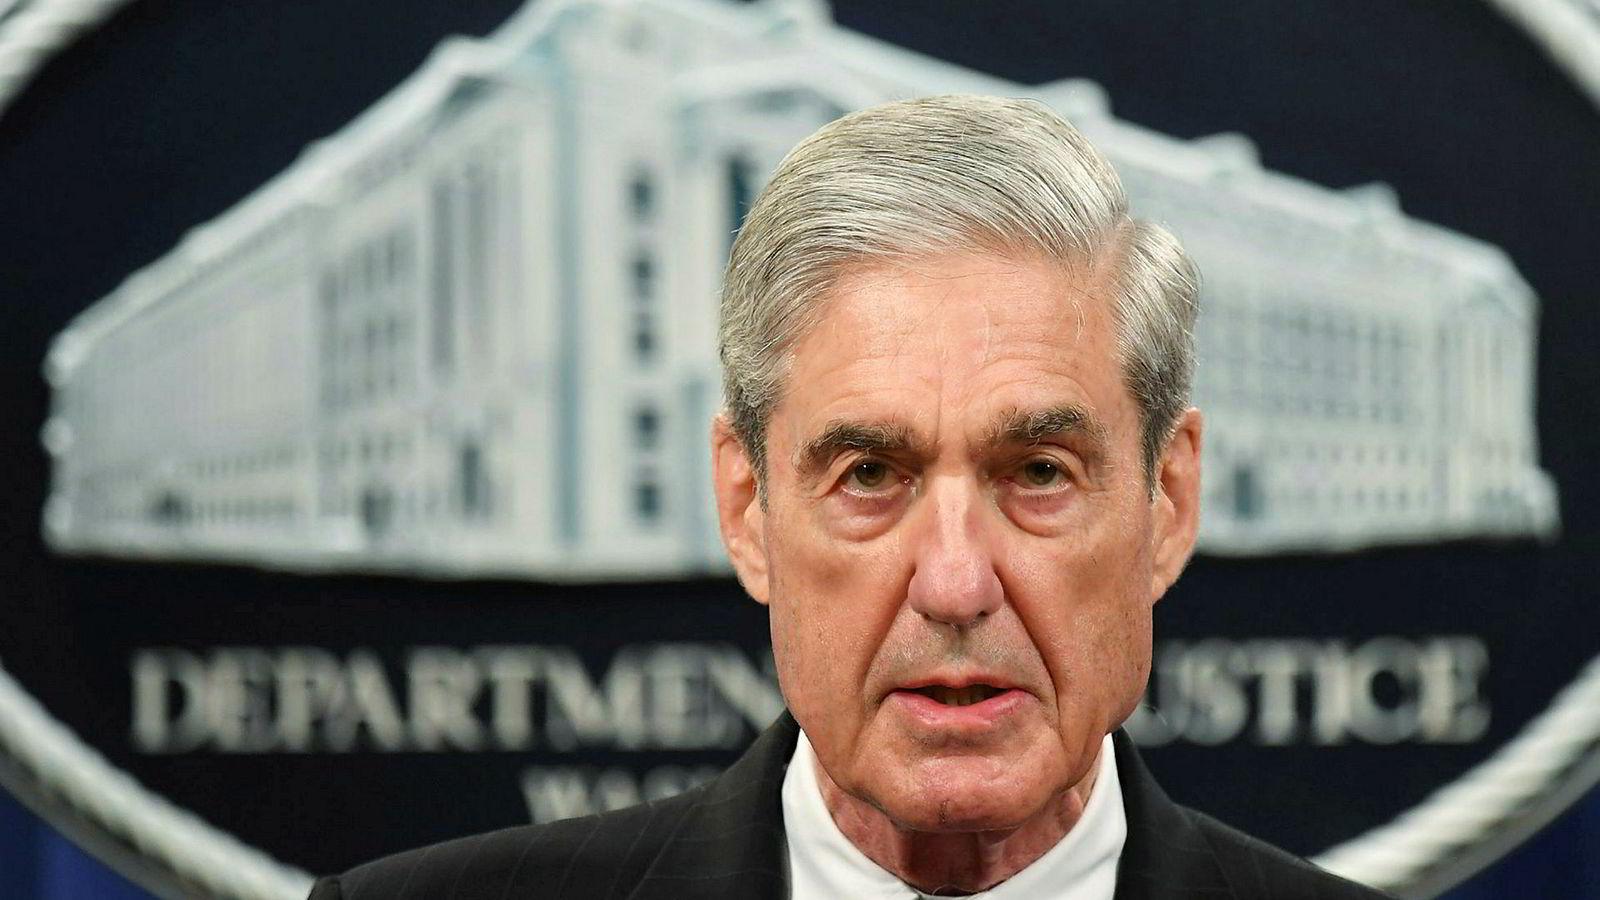 Skal utspørres: Spesialetterforsker Robert Mueller vil få tre istedenfor to timer foran justis- og etterretningskomiteene.